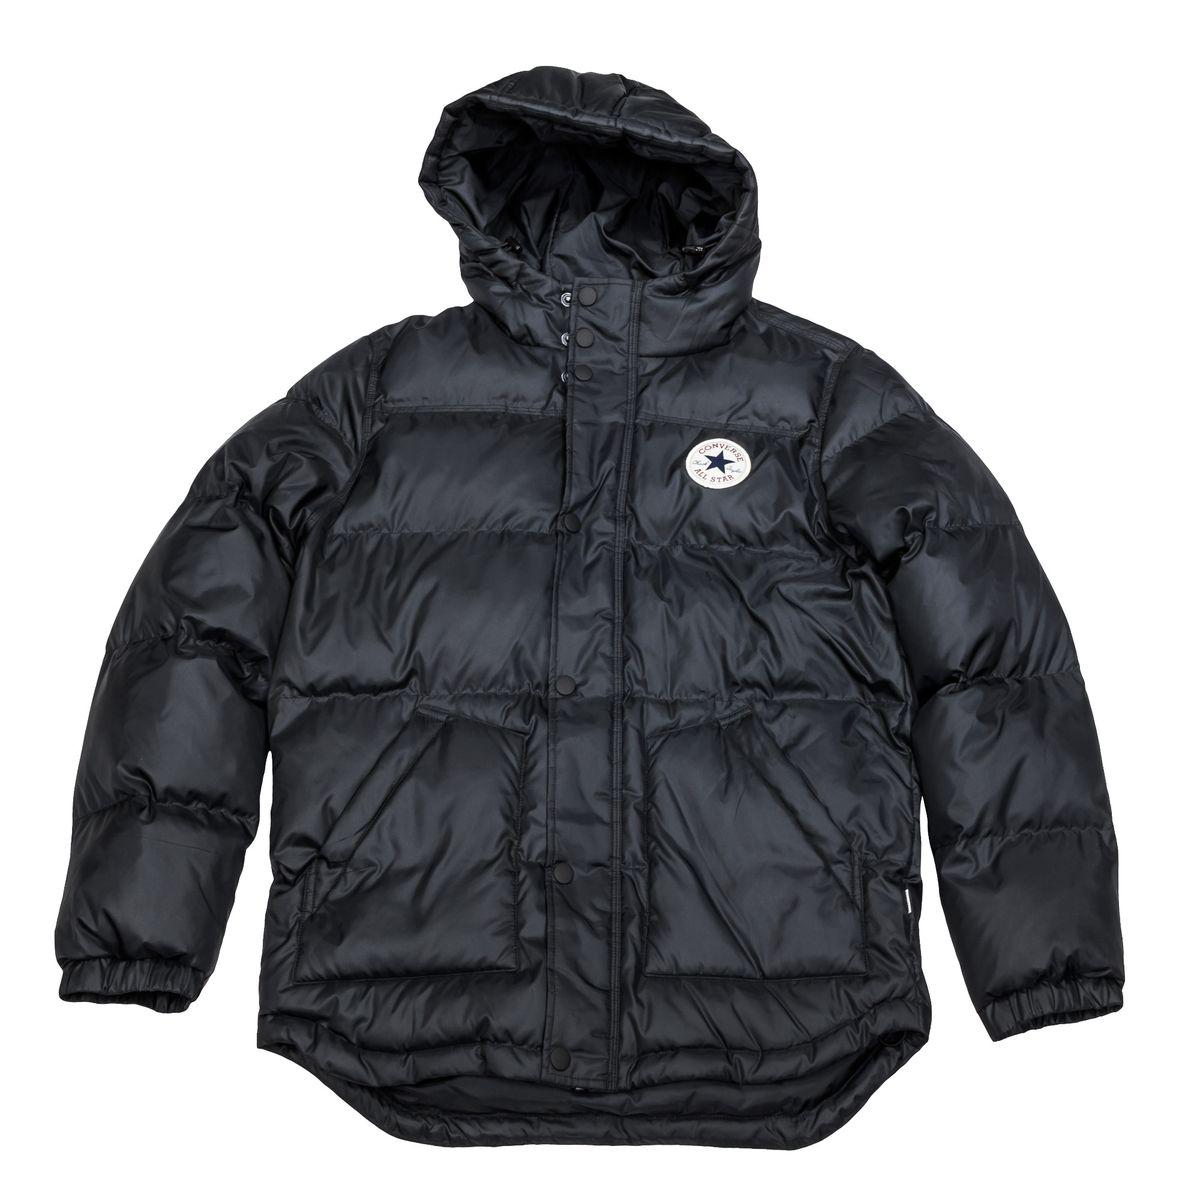 10002137001Мужская куртка Converse выполнена из 100% полиэстера, в качестве утеплителя и подкладке также используется полиэстер. Модель с несъемным капюшоном застегивается на молнию и дополнительно ветрозащитной планкой на кнопках. Спереди куртка оснащена двумя накладными карманами, с внутренней стороны одним прорезным карманом. Низ изделия дополнен кулиской.